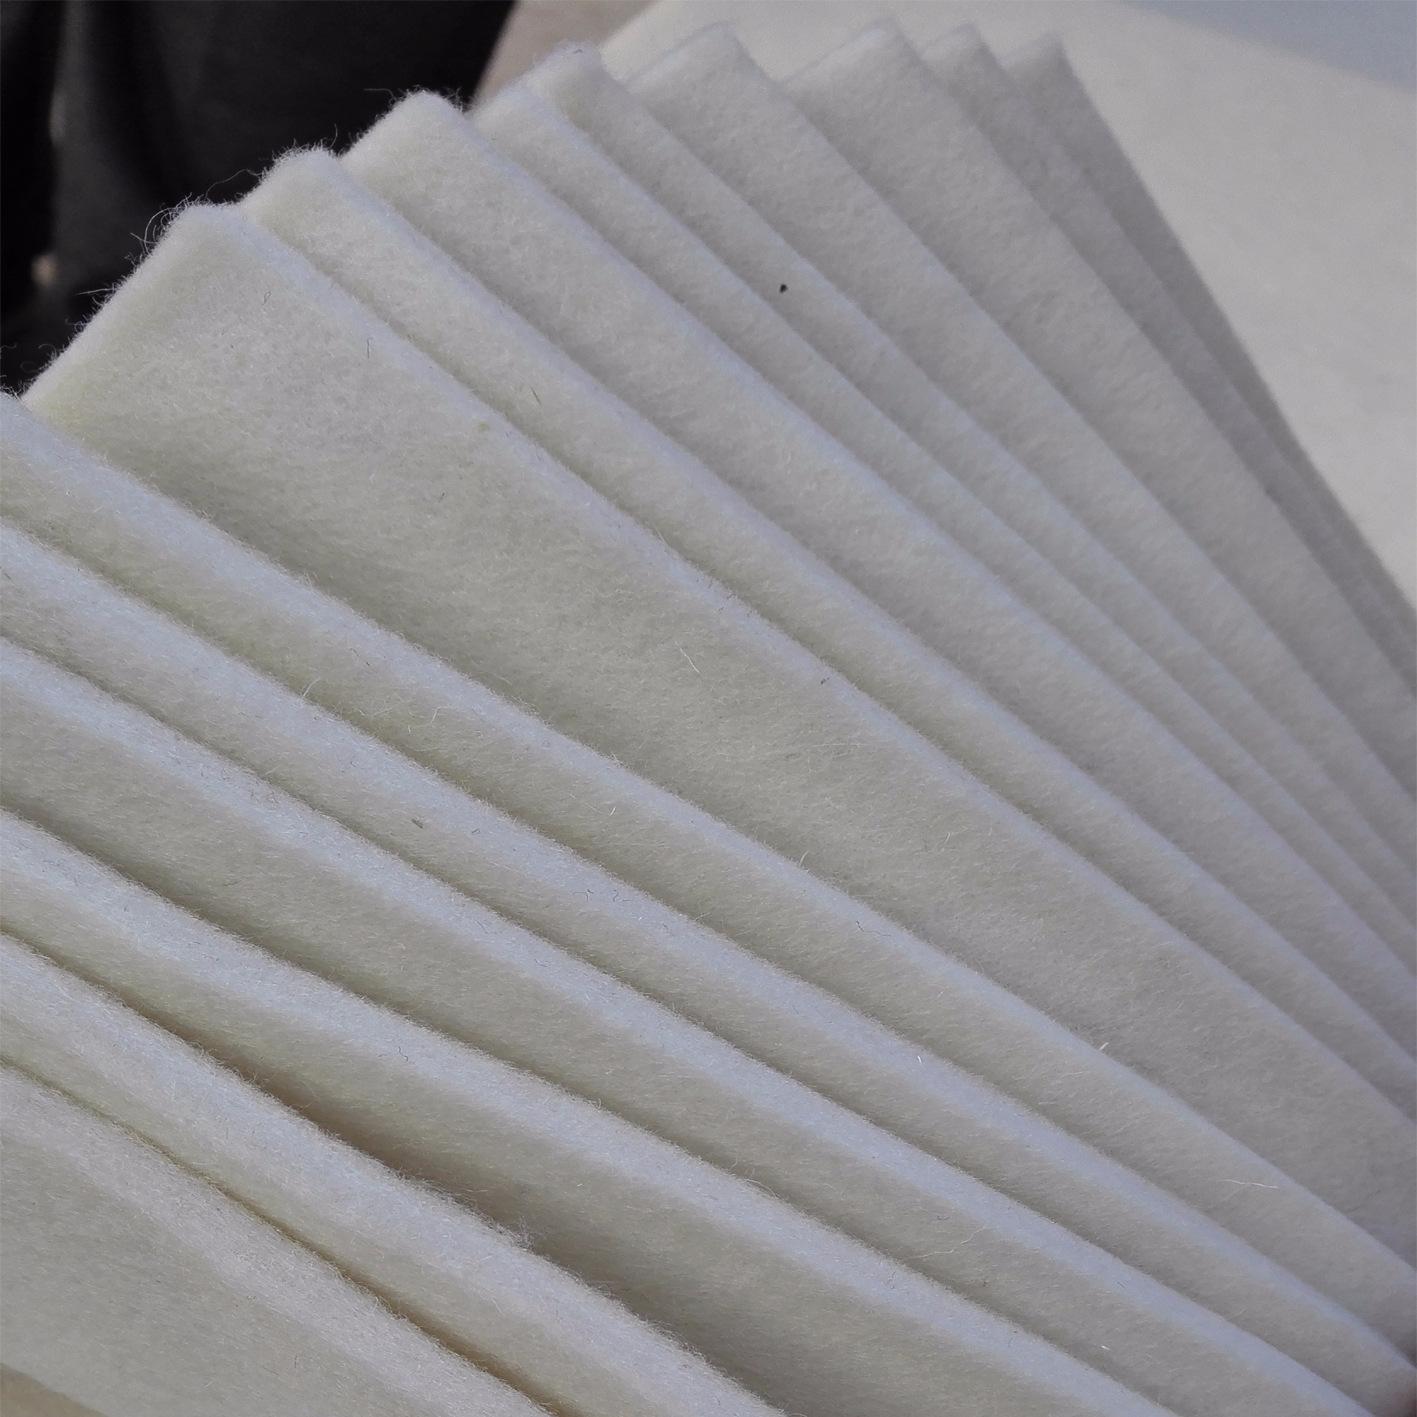 XINGCHEN thảm lông Cung cấp độ dày 0,5-50mm Chất liệu nỉ trắng thân thiện với môi trường tự nhiên Ch